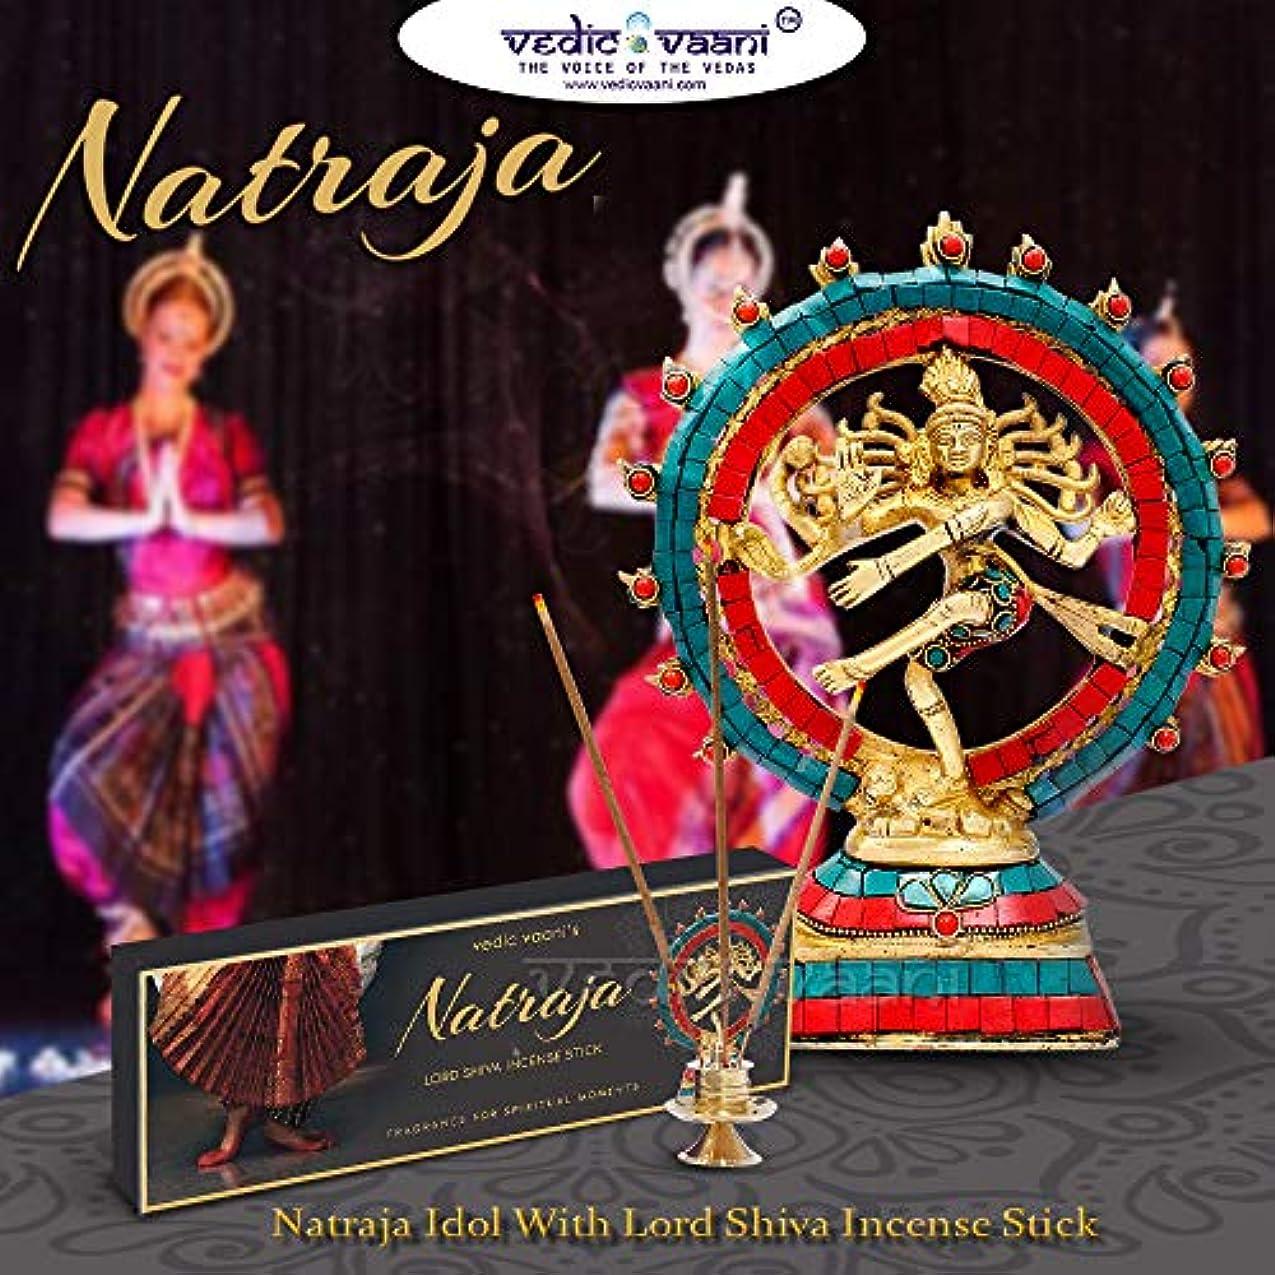 霧合唱団きゅうりVedic Vaani Natraj (Lord Shiva) 踊る人形 Natraja お香付き - 100 GM